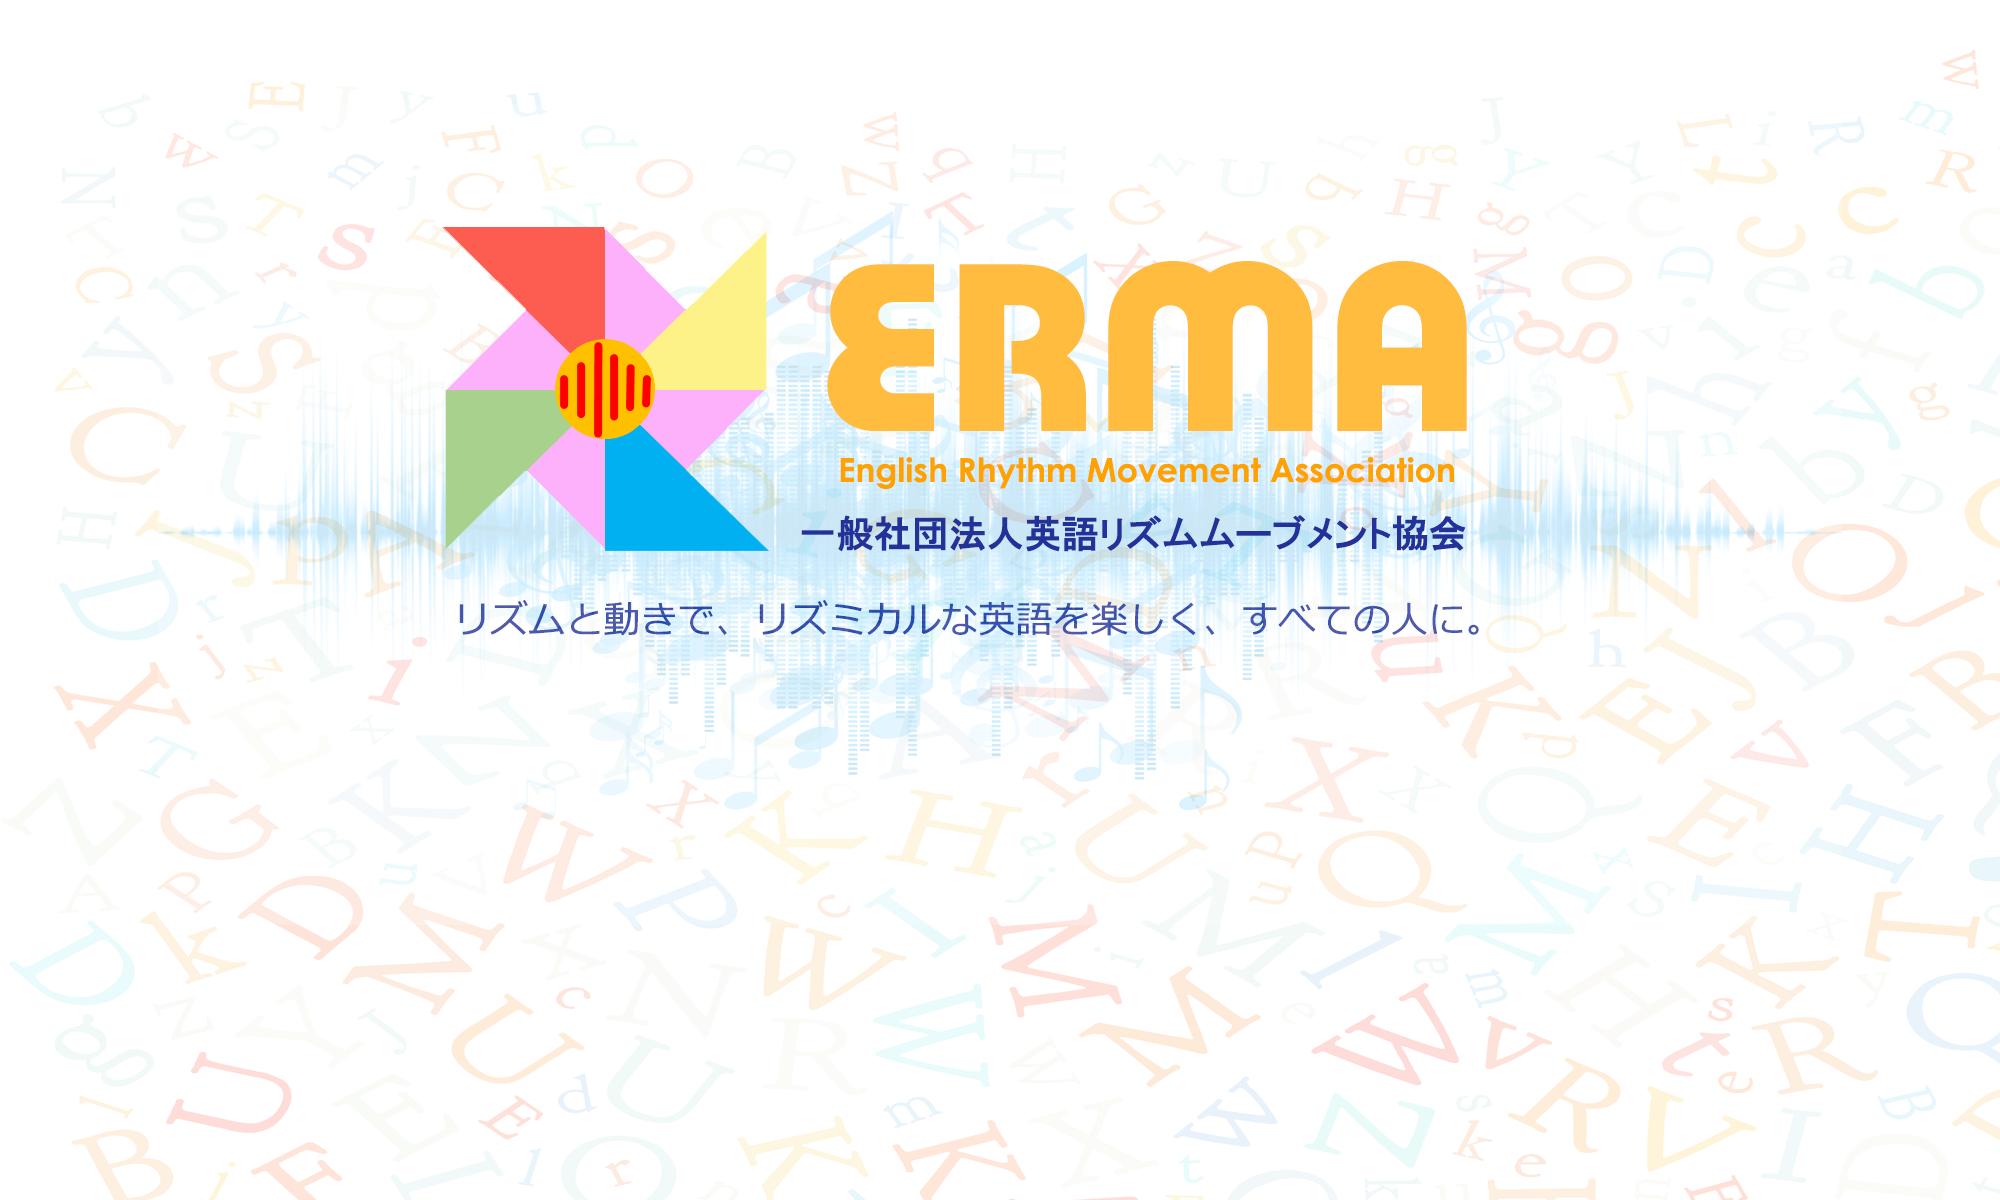 一般社団法人英語リズムムーブメント協会(ERMA)